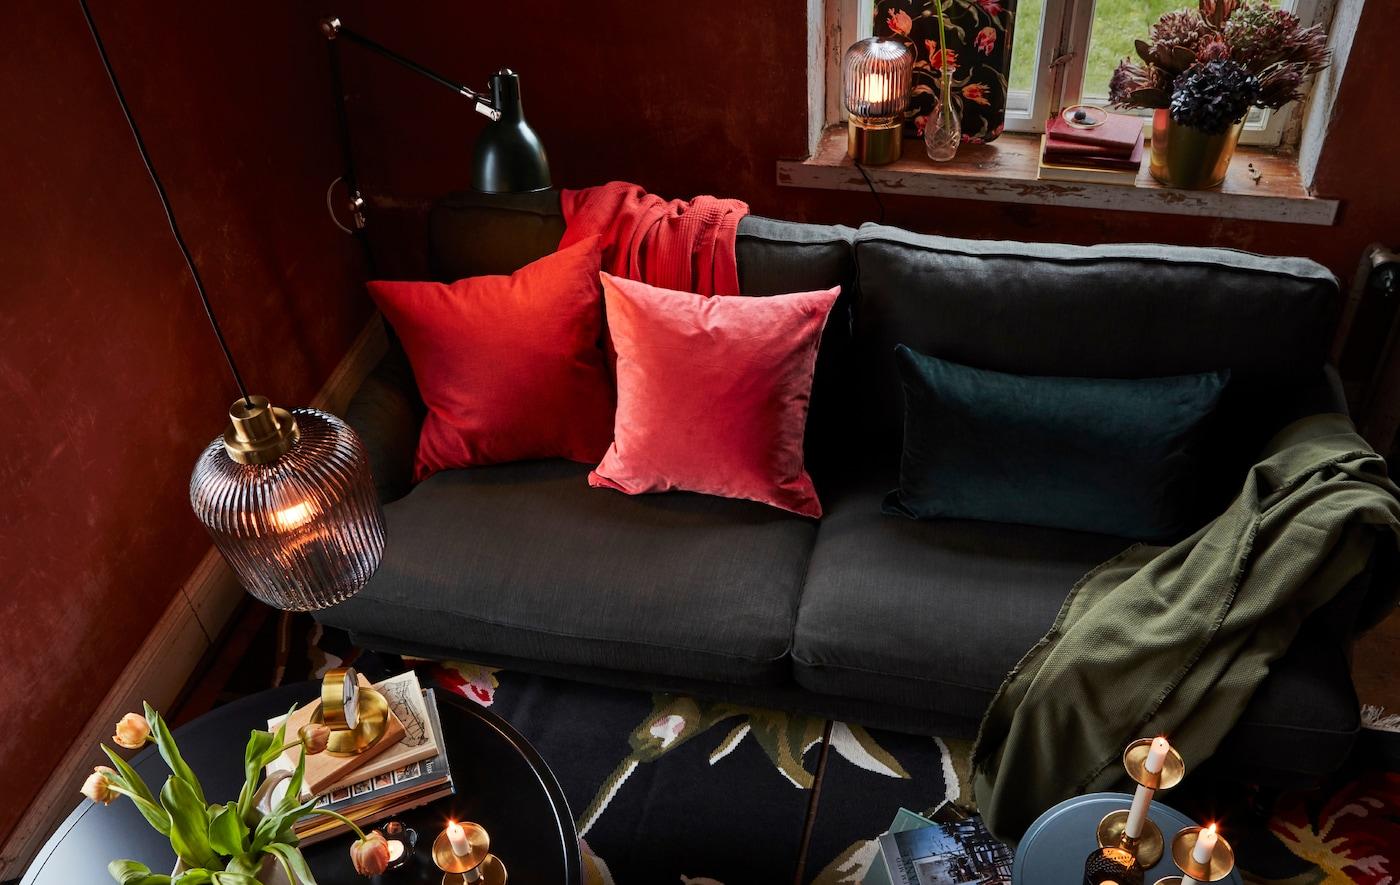 Numa sala, uma mistura de candeeiros suspensos, candeeiros de pé e de mesa e um sofá com almofadas coloridas ajudam a definir um ambiente quente e acolhedor.